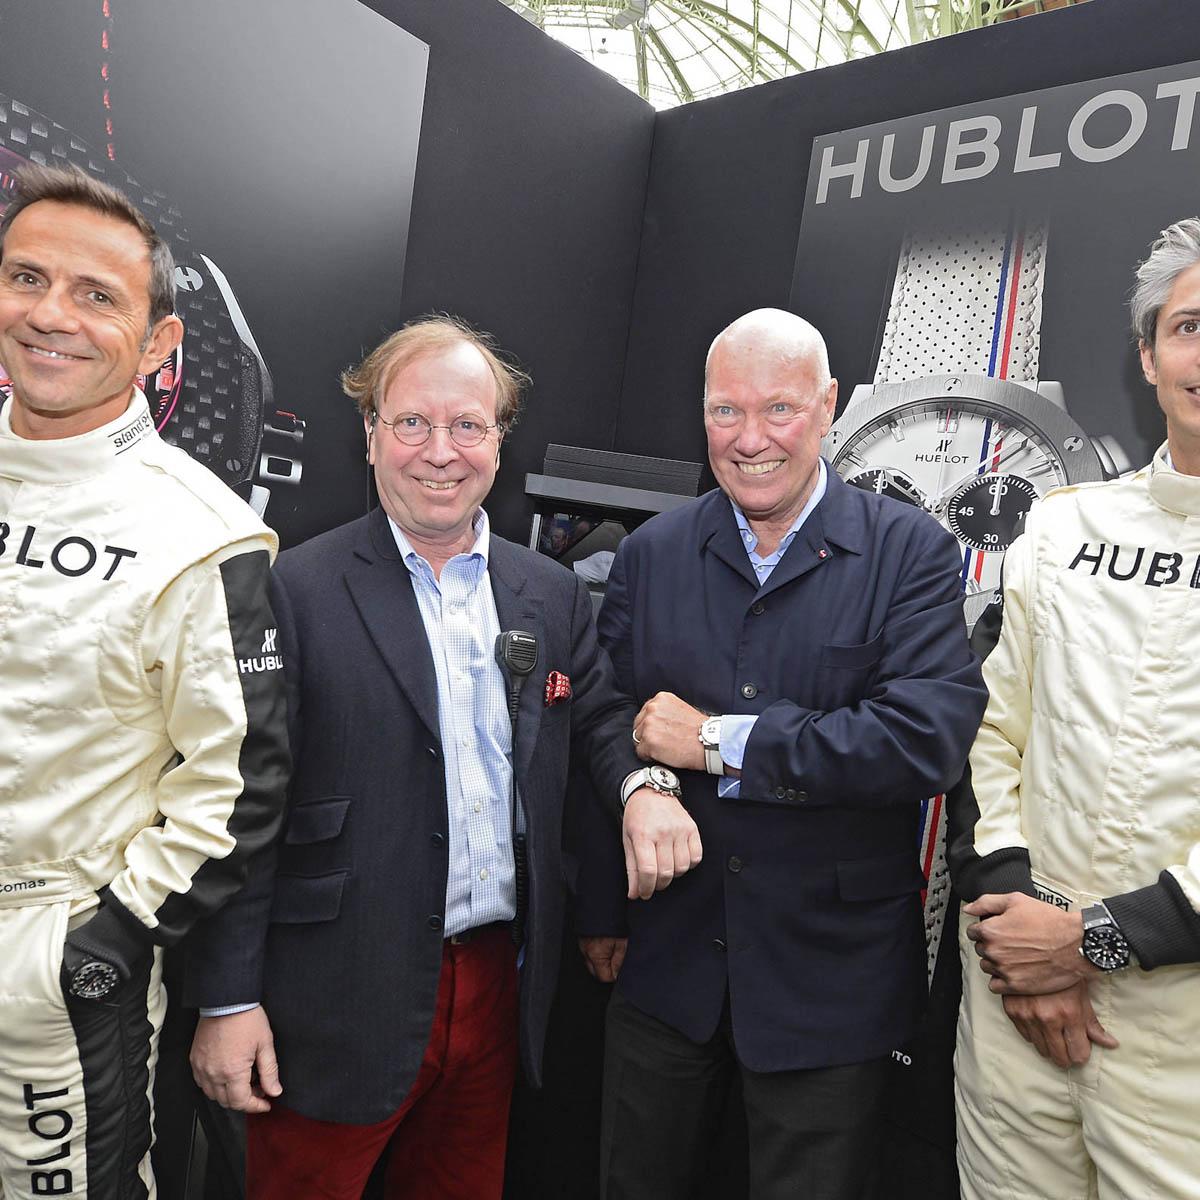 La Cote des Montres : Photo - Hublot  Classic Fusion Chrono Tour Auto